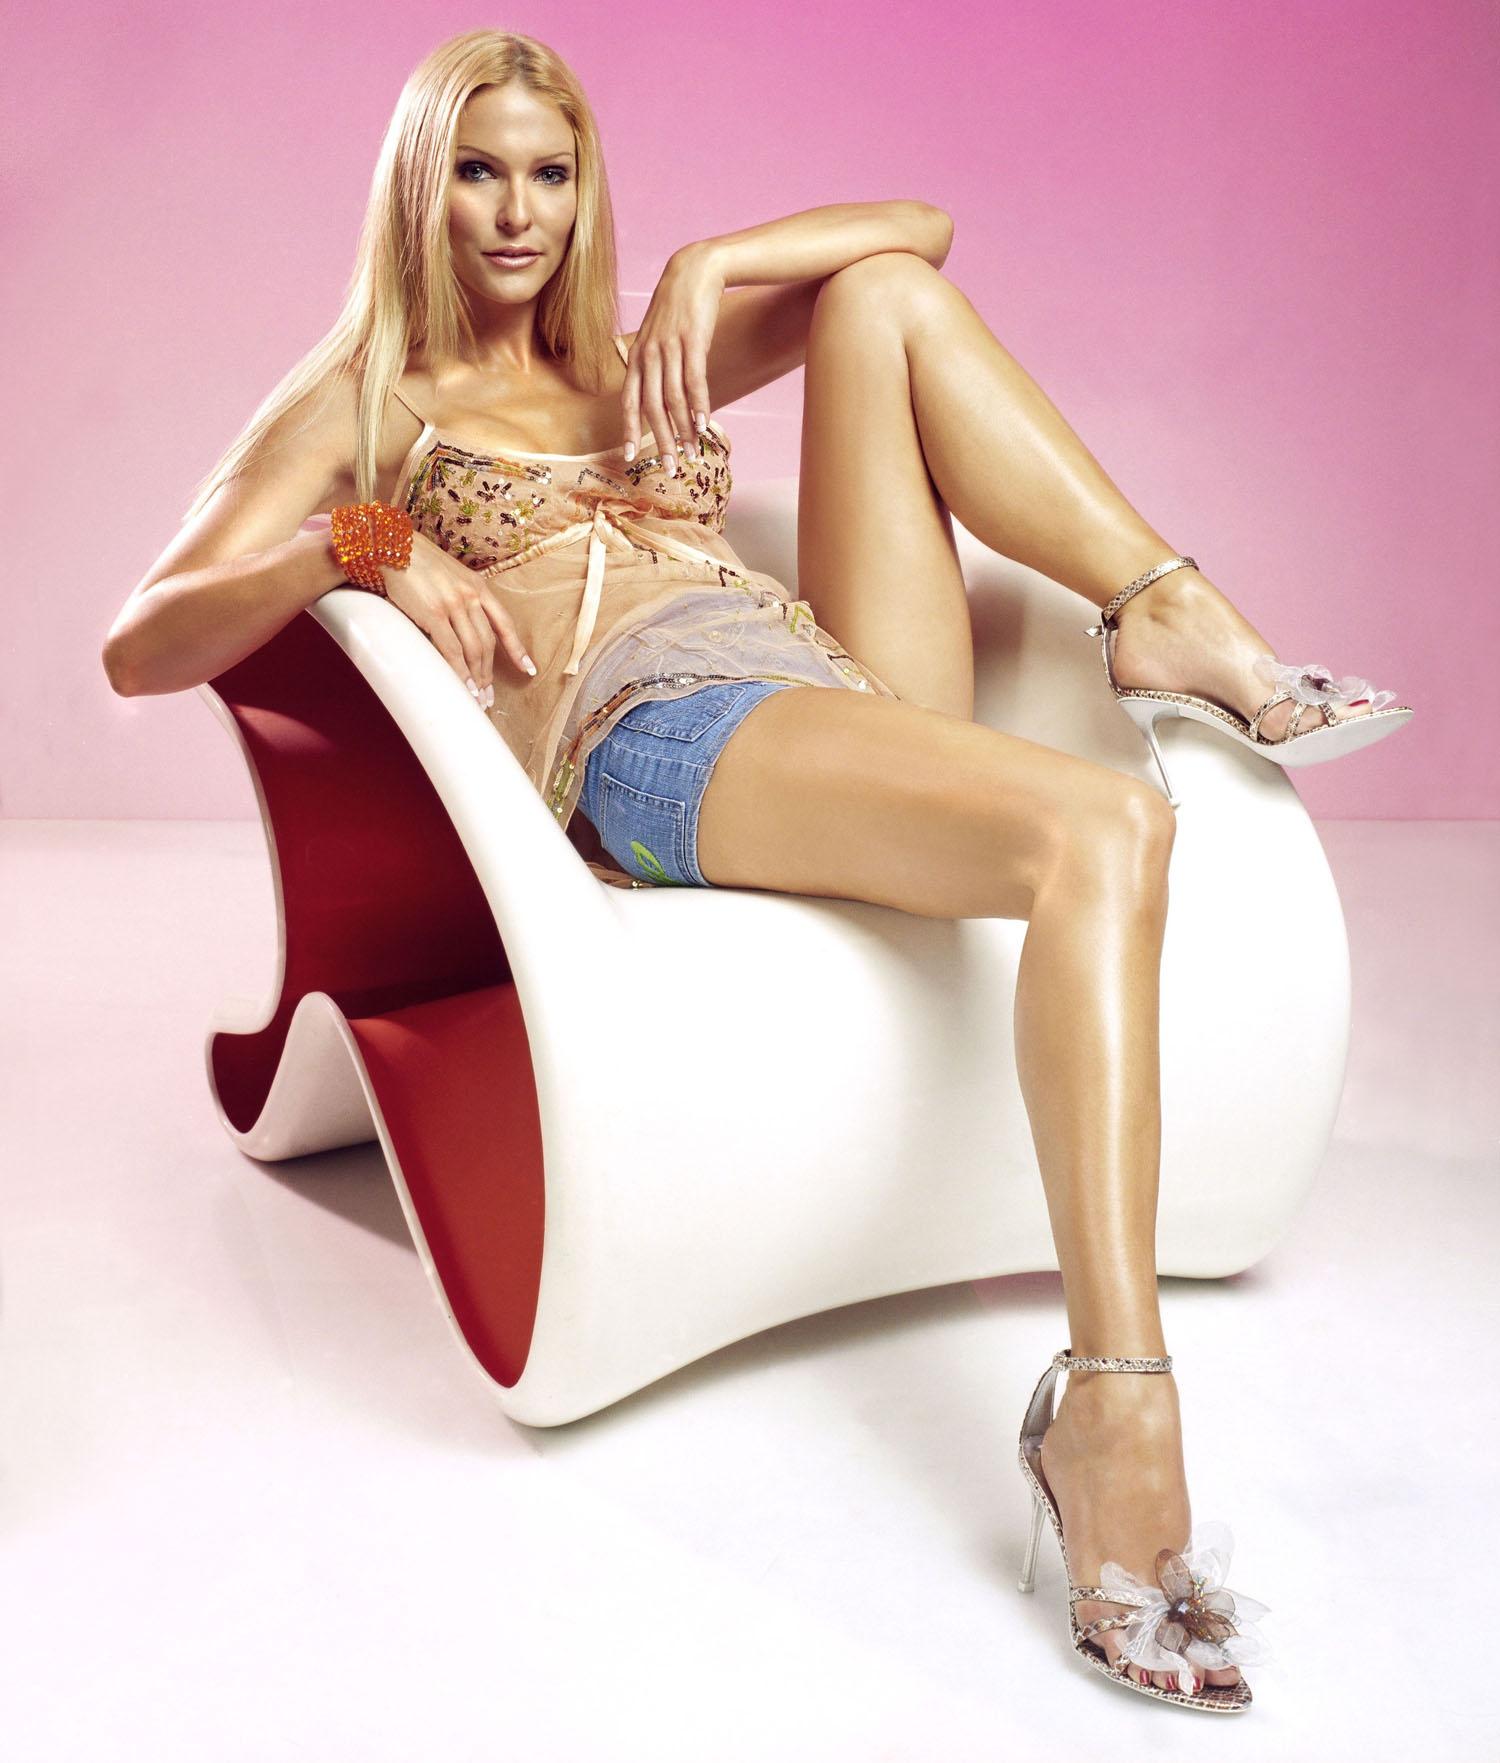 Sonya Kraus: Deshalb ist sie stolz auf ihre Nacktfotos